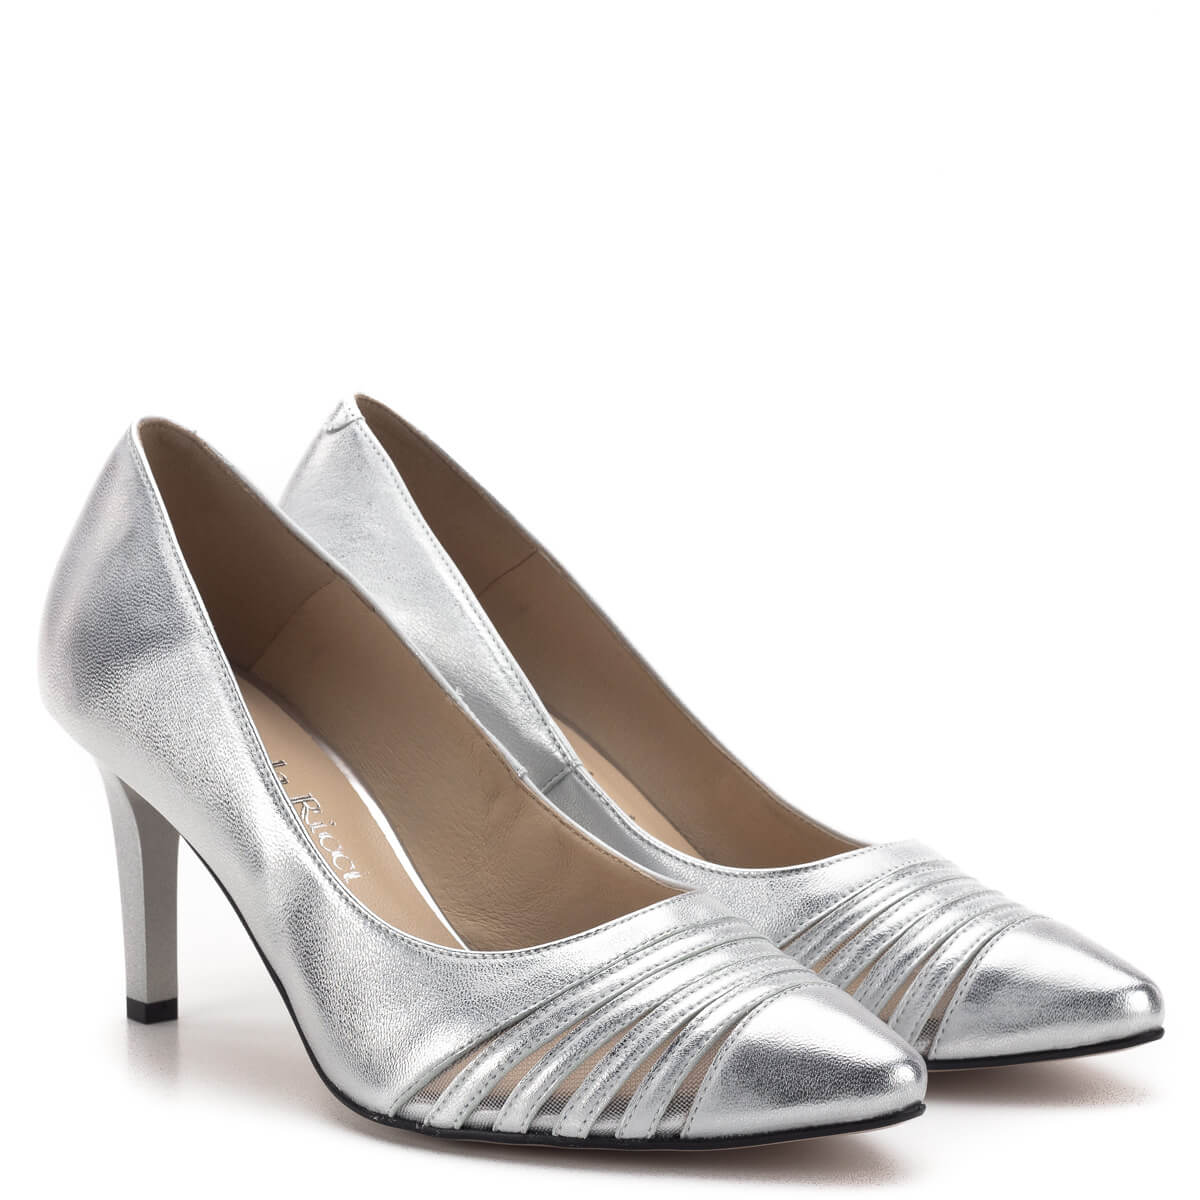 acb417d4cb Carla Ricci cipő - Ezüst magassarkú női cipő 7,5 cm magas sarokkal